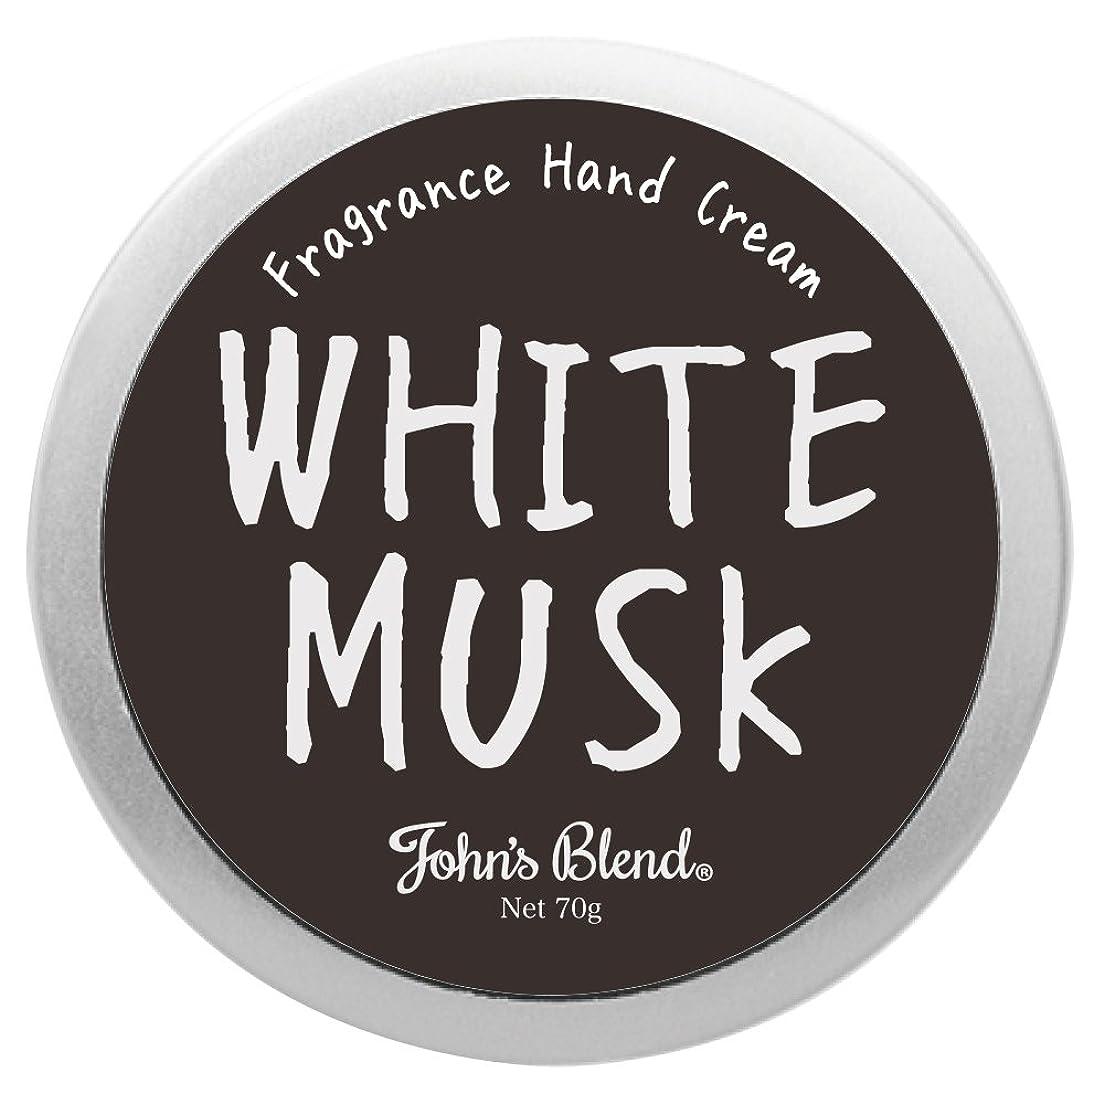 主婦ペストスローノルコーポレーション John's Blend ハンドクリーム 保湿成分配合 OZ-JOD-1-1 ホワイトムスクの香り 70g